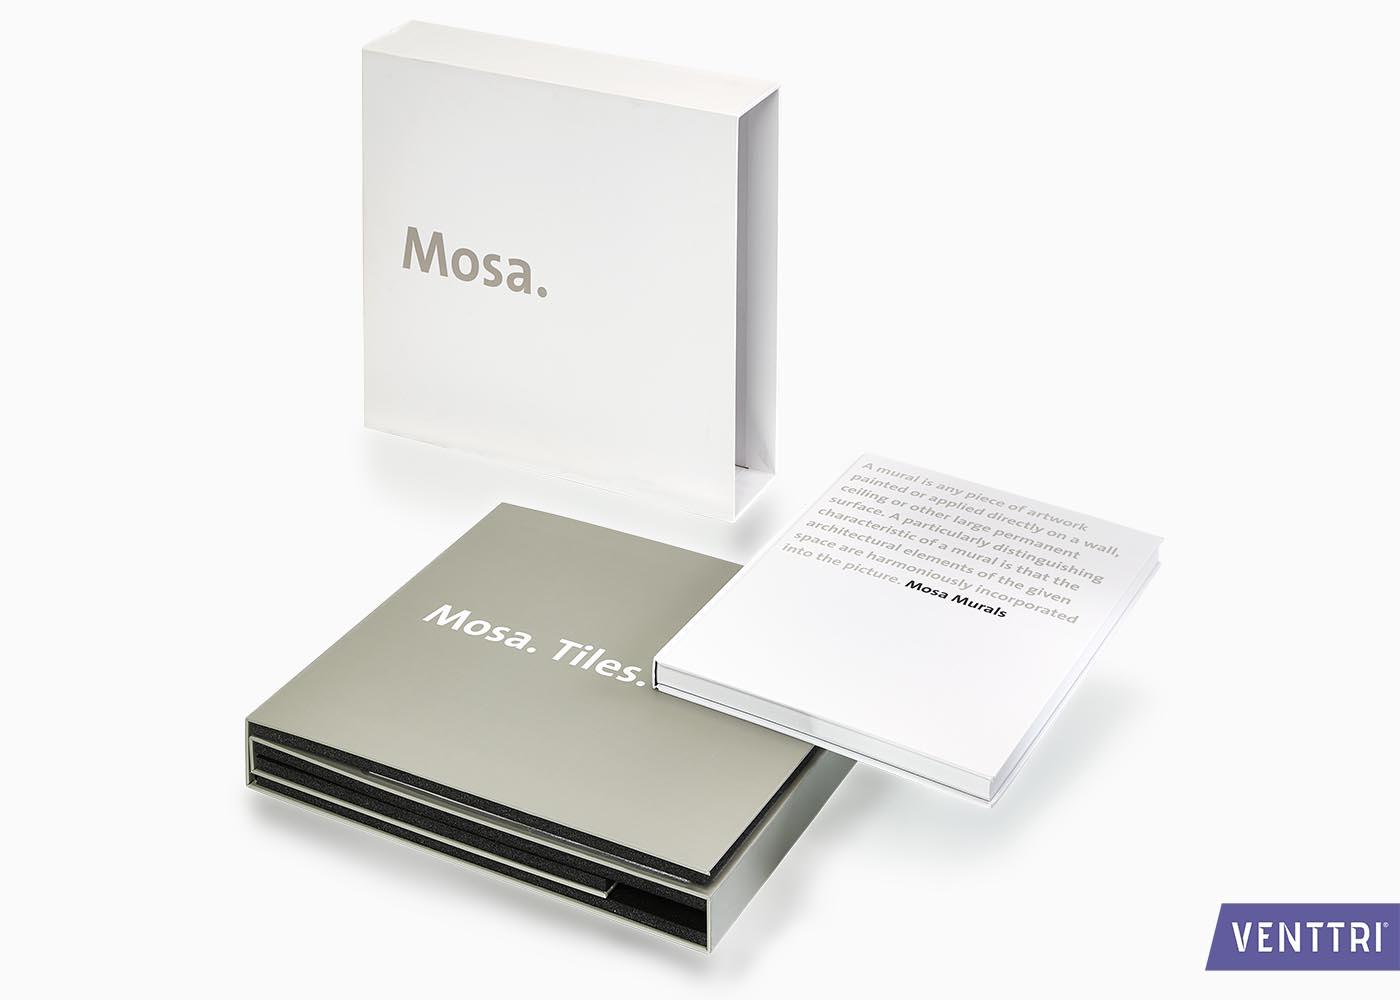 Foedraal stalenmap boek Mosa